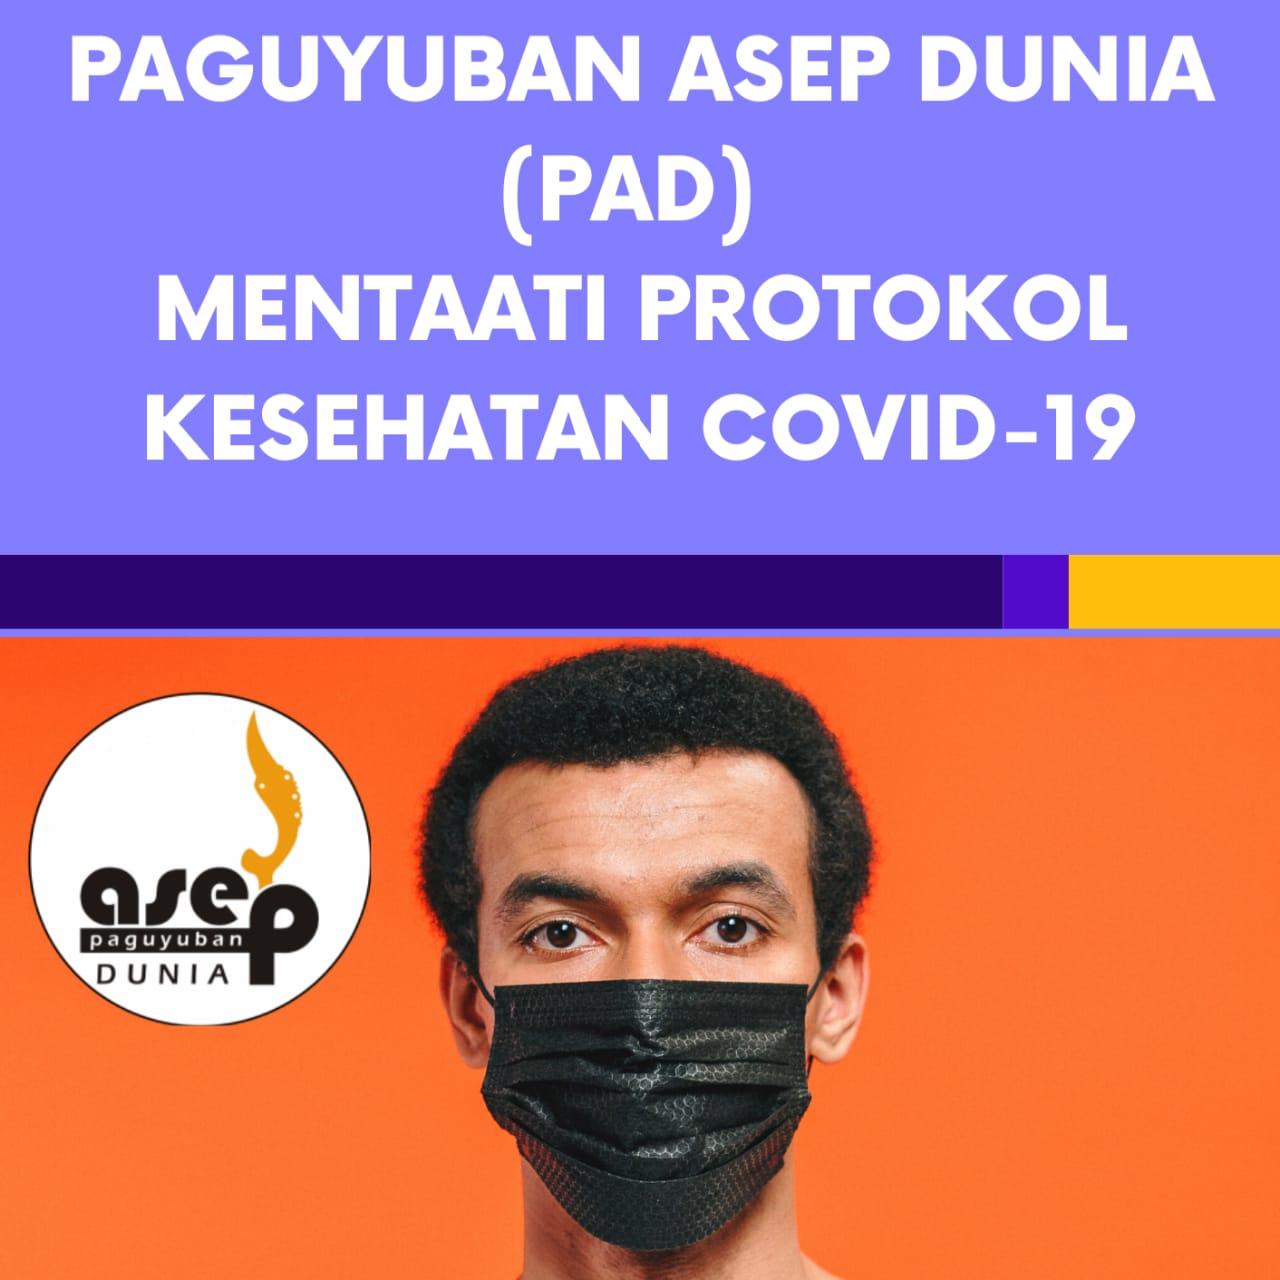 Instruksi Presiden Paguyuban Asep Dunia mentaati anjuran pemerintah untuk menjalankan protokol kesehatan